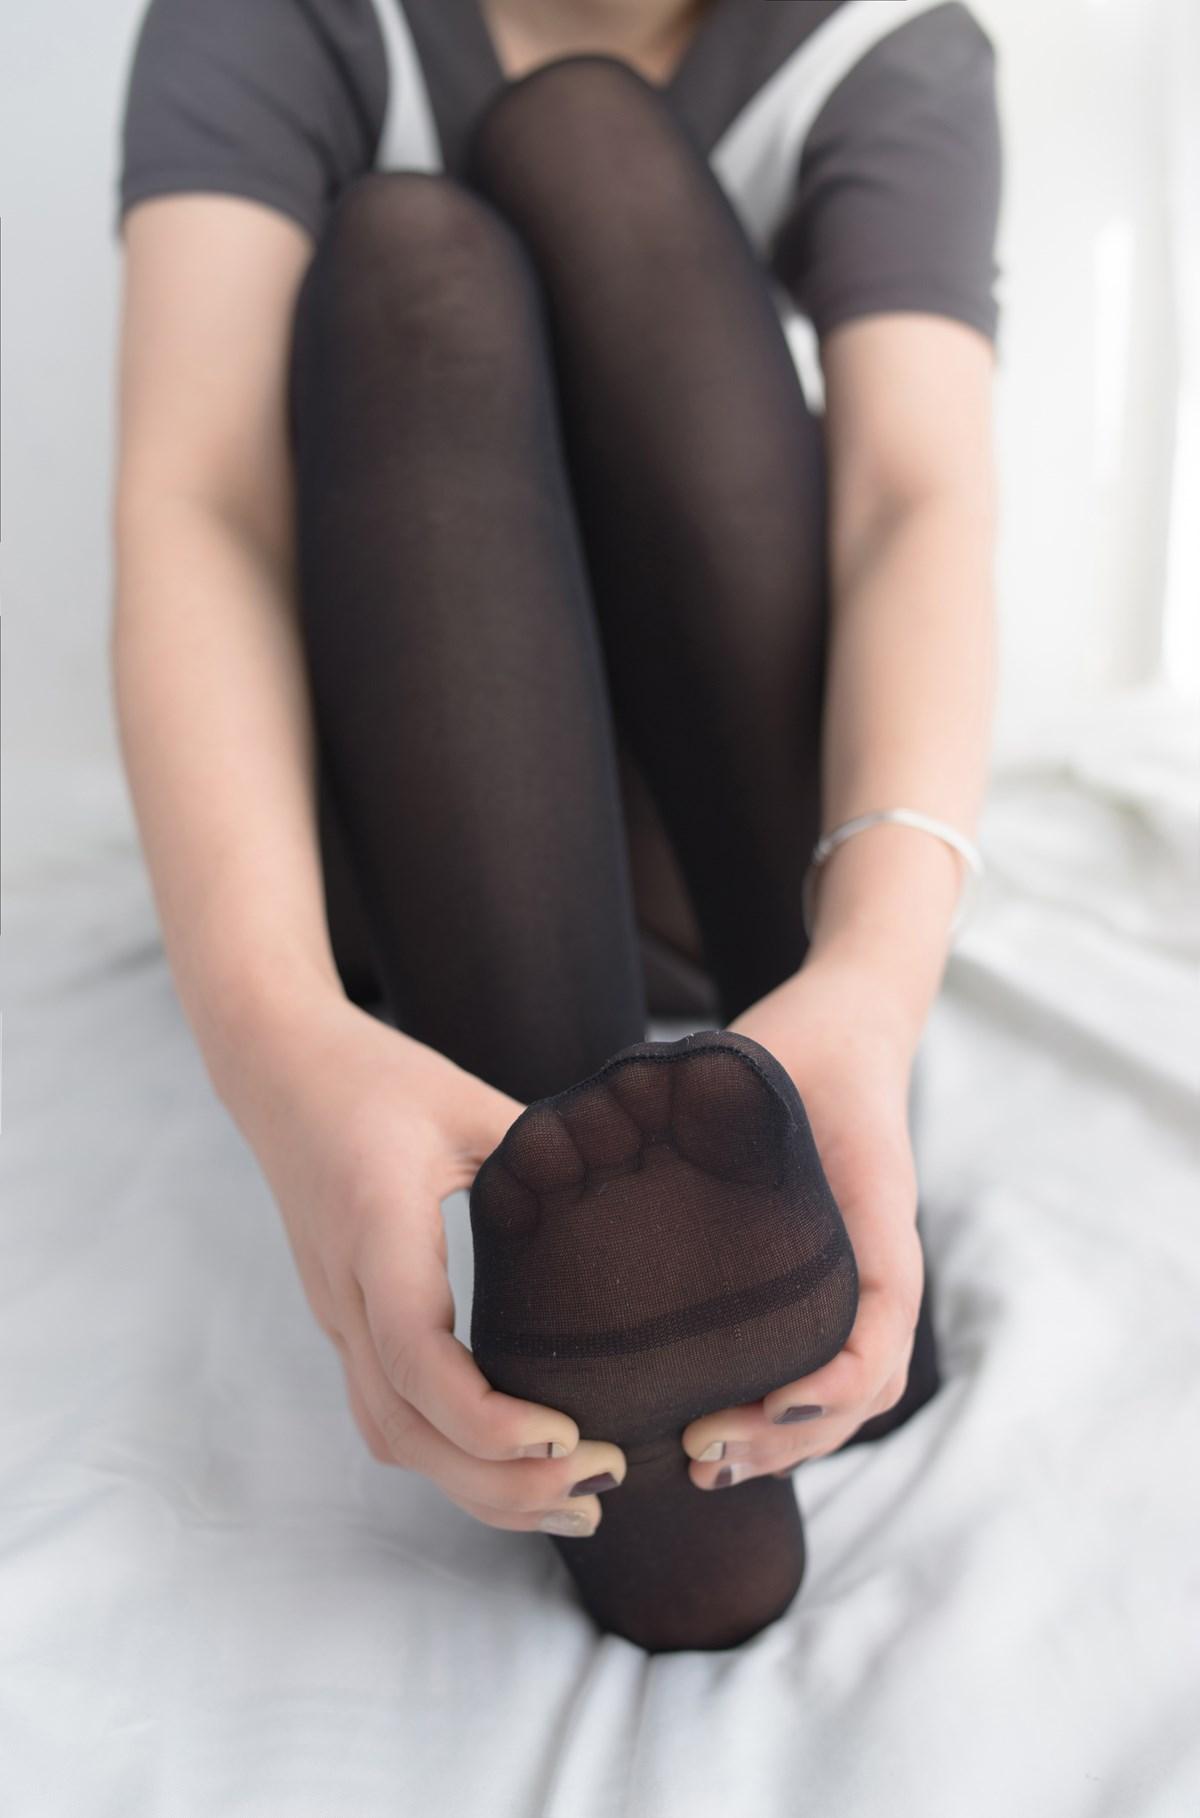 【兔玩映画】萌萌哒黑丝 兔玩映画 第15张